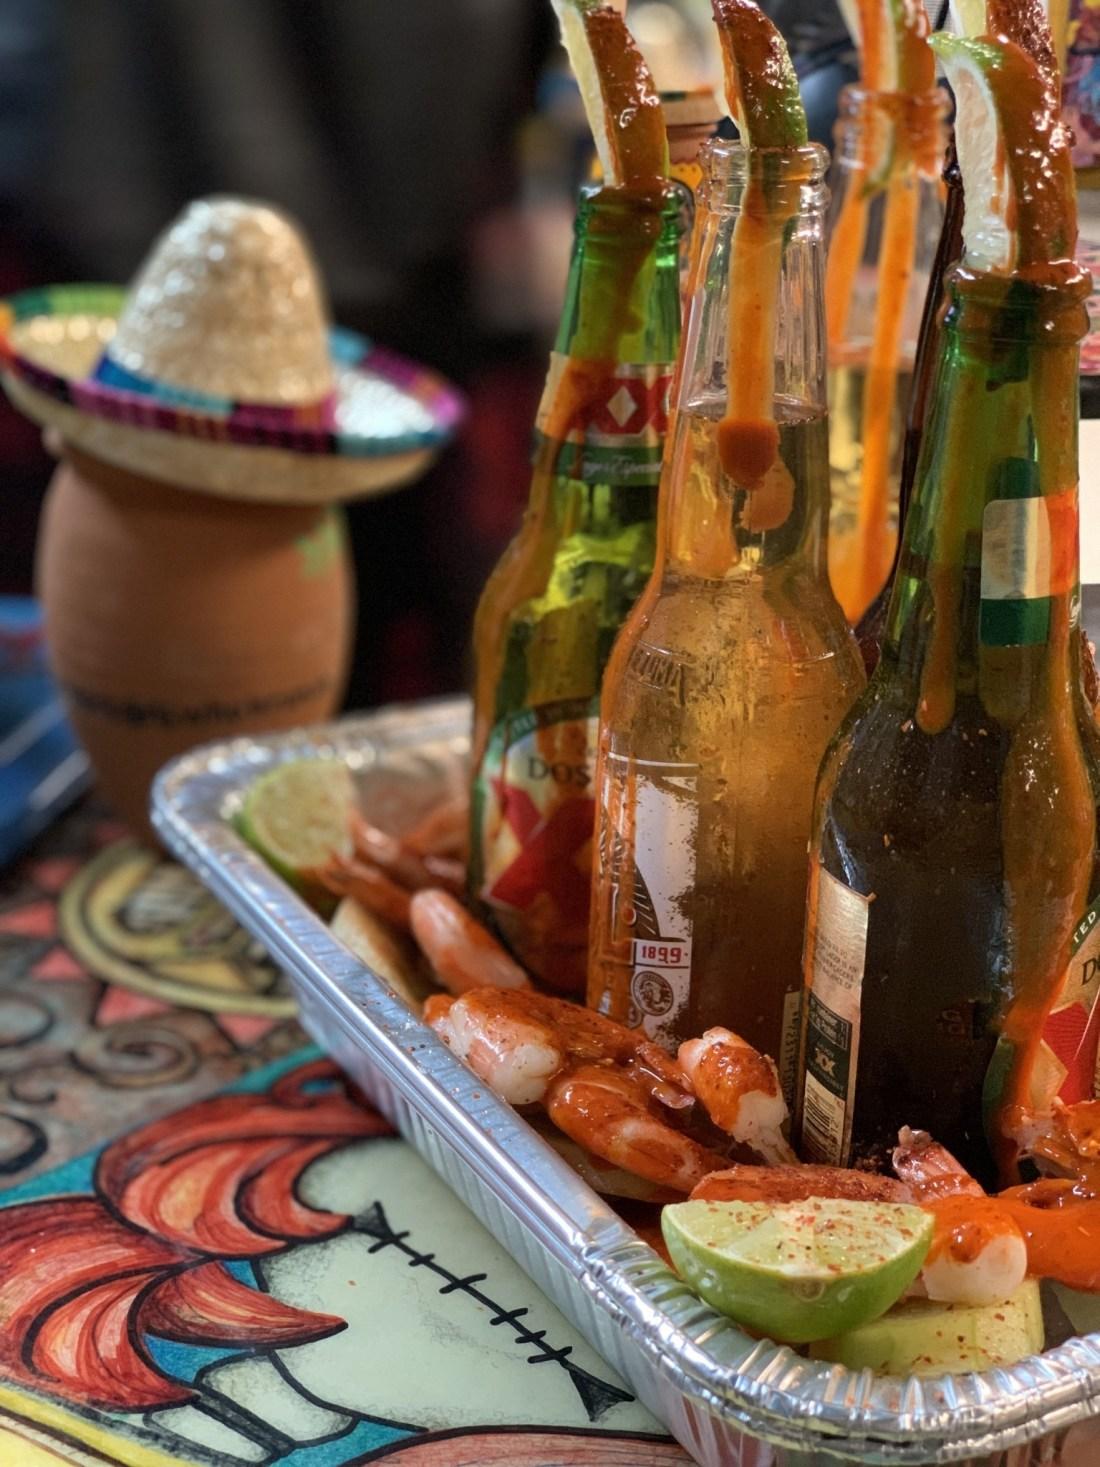 Shrimp and Beer Tray from Tacos La Bamba